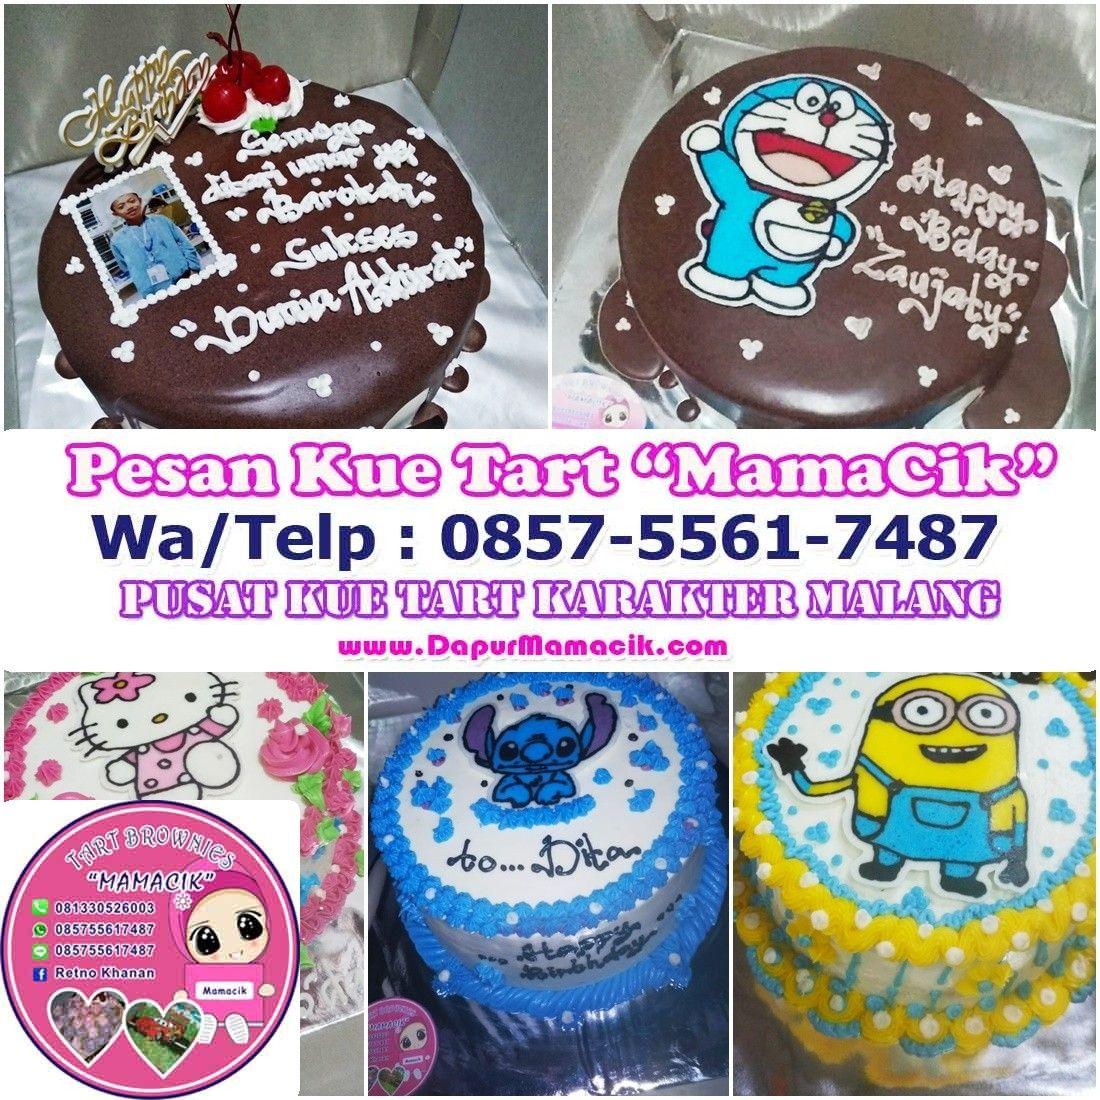 085755617487 Harga Kue Tart Malang Harga Kue Tart Di Harvest Malang Kue Tart Kue Cokelat